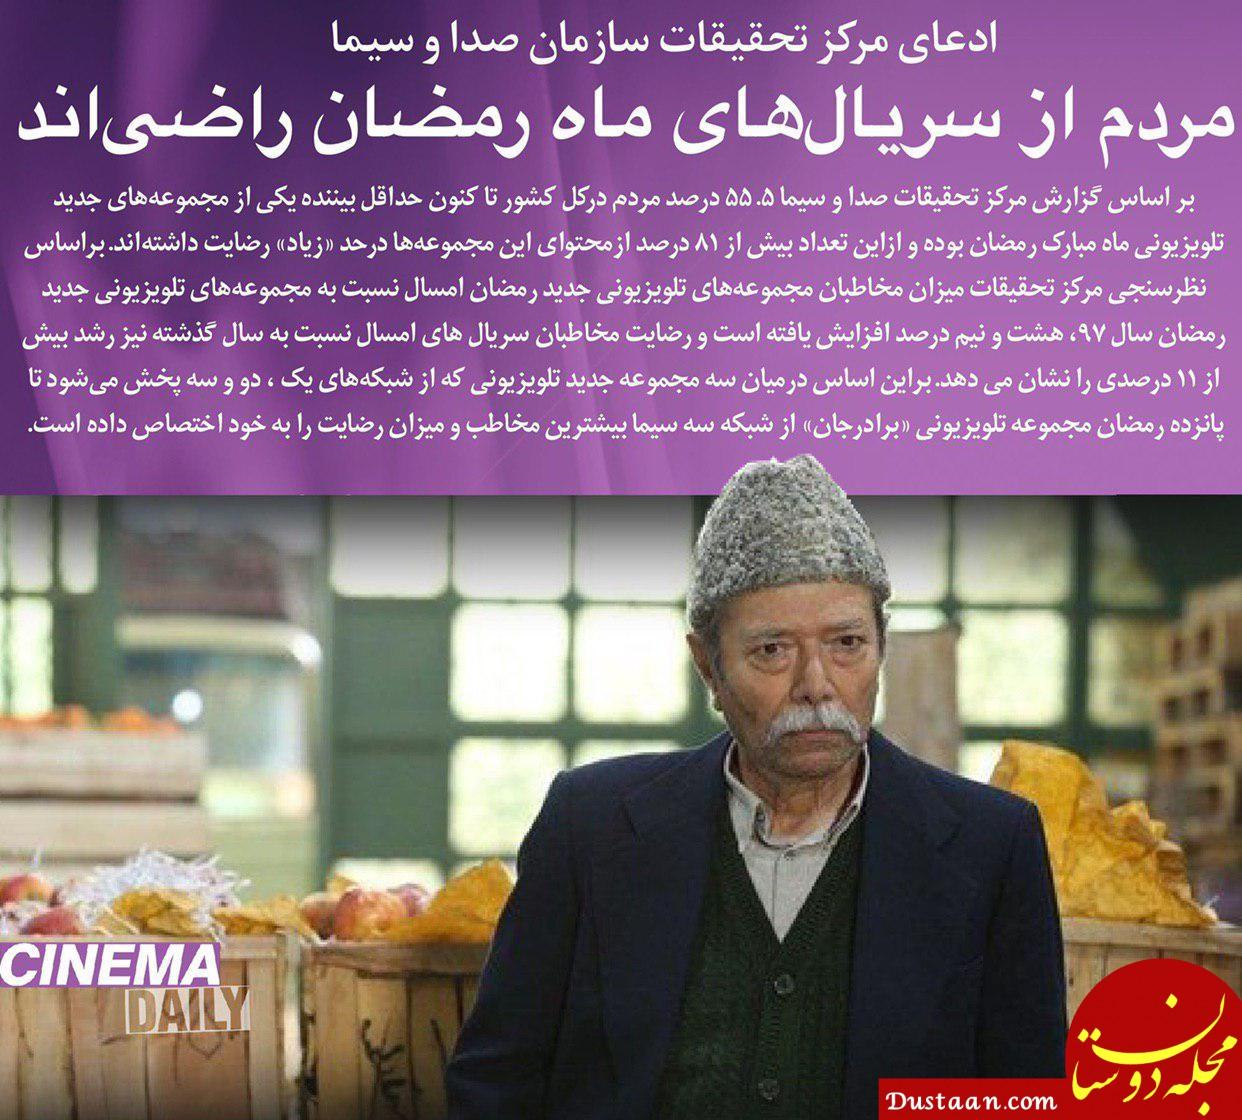 www.dustaan.com ۵۵ درصد مردم سریال های ماه رمضان را می بینند که ۸۱ درصدشان راضی اند!